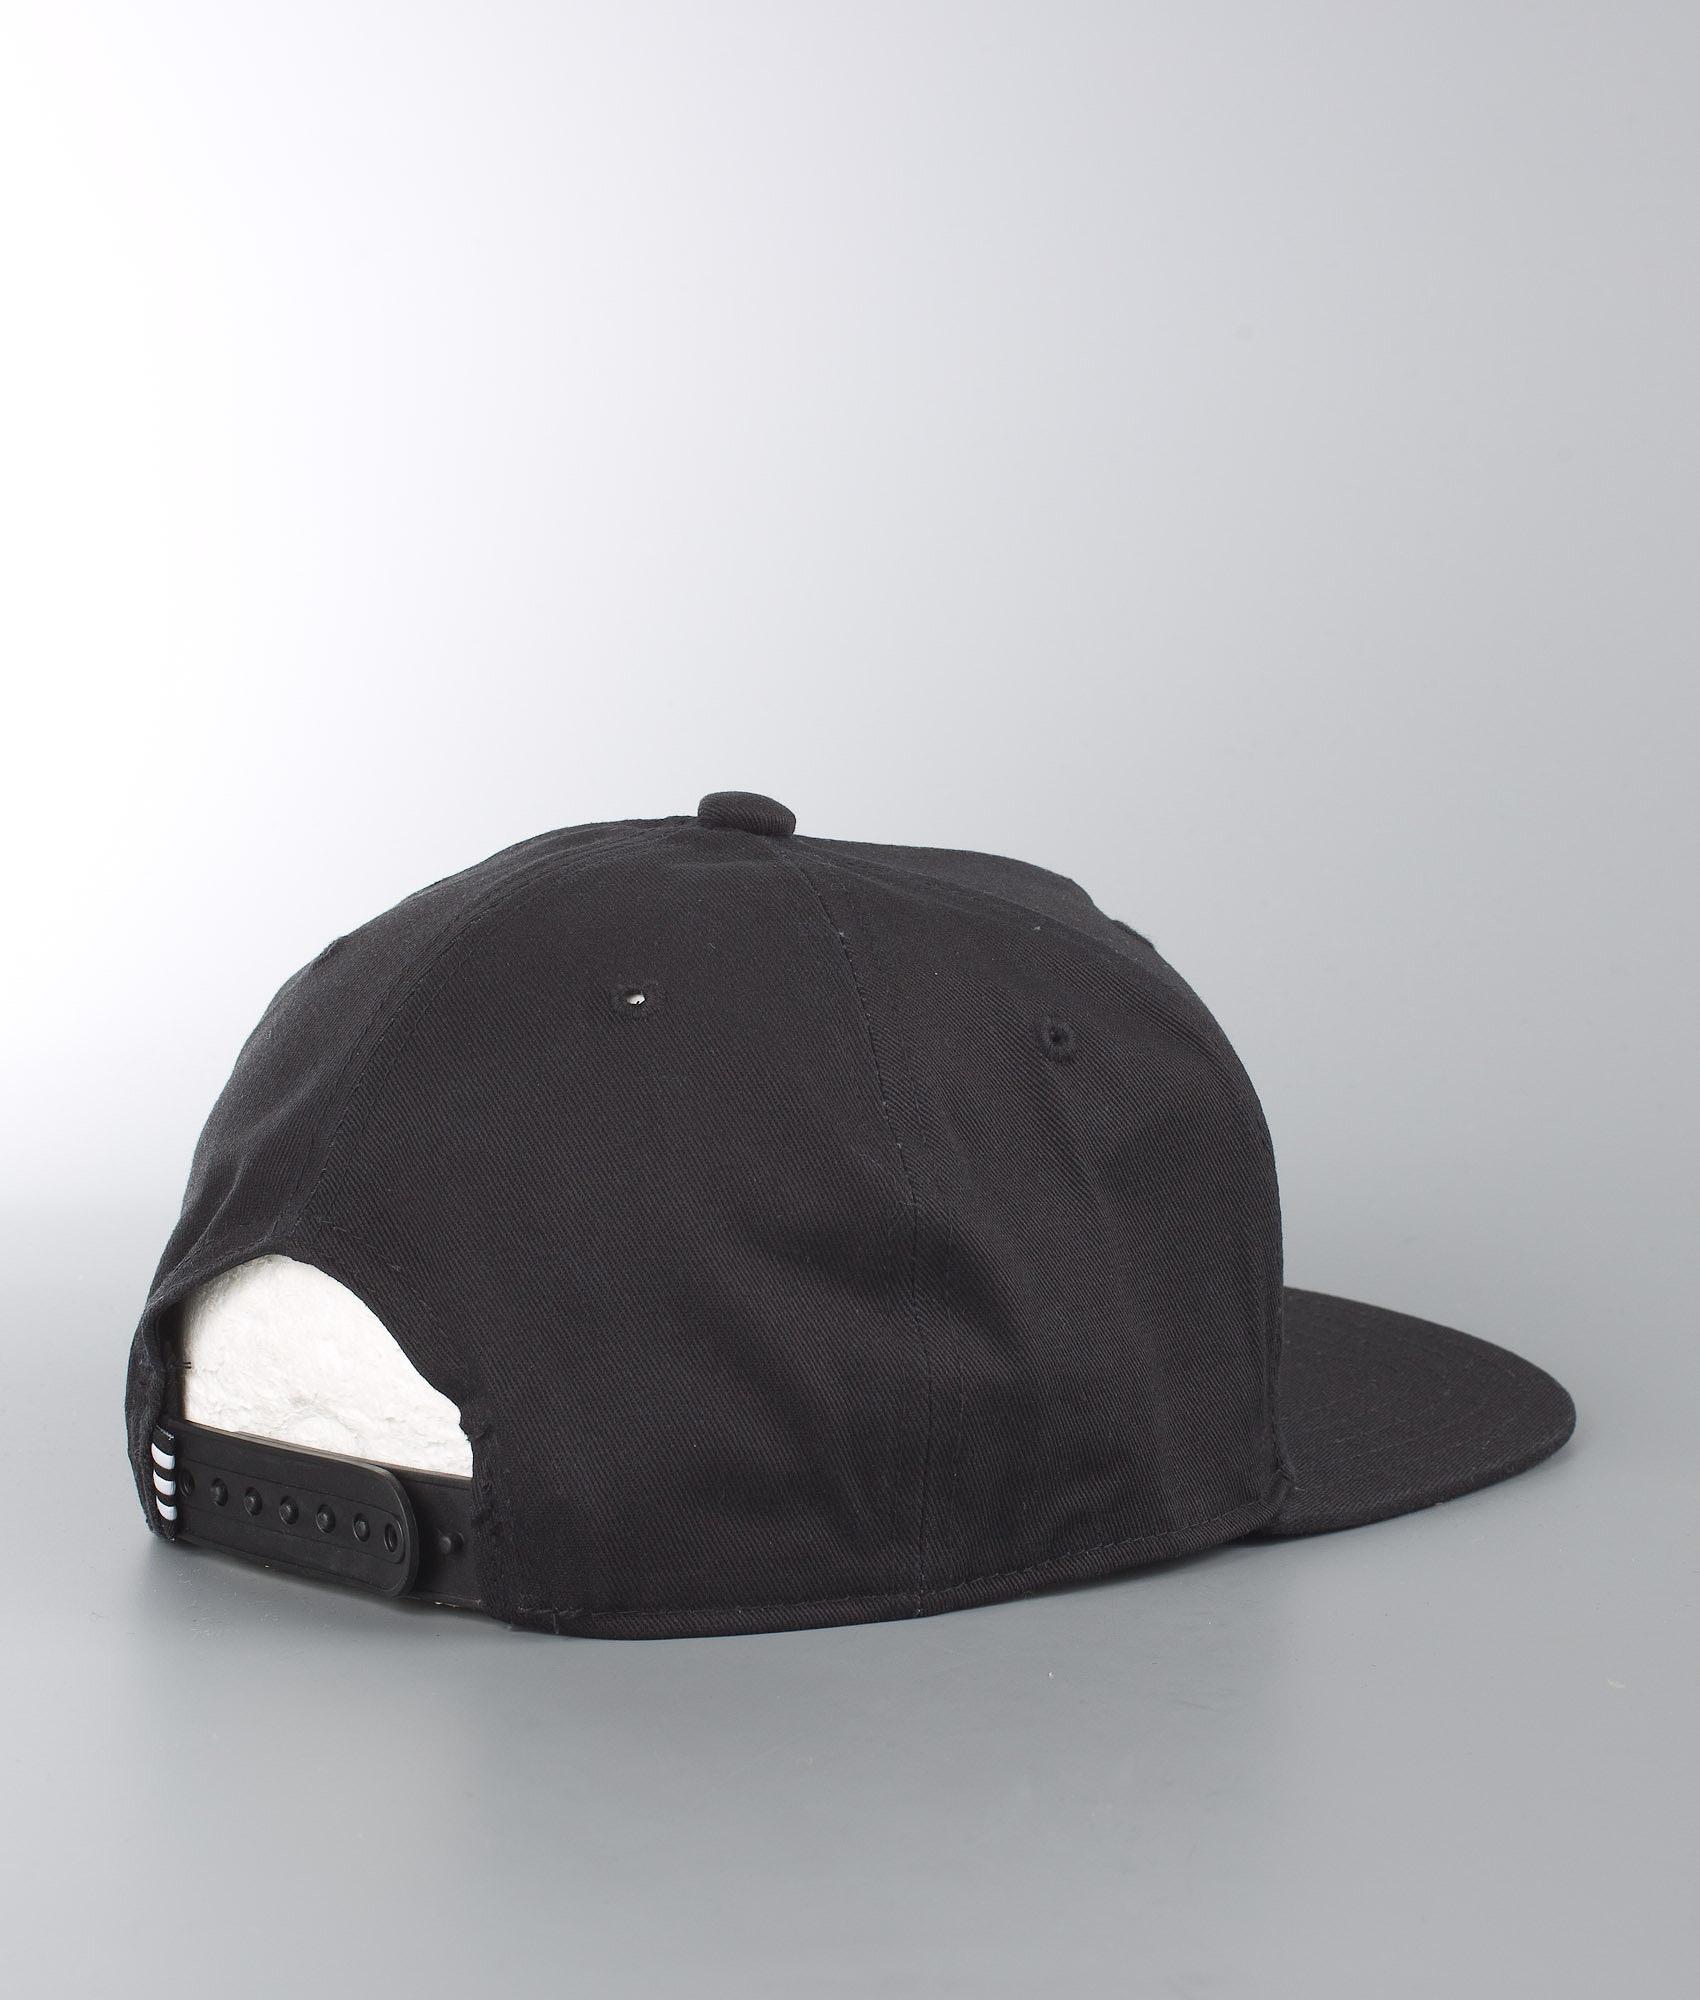 6e3161314a8 Adidas Originals Ac Cap Tre Flat Cap Black - Ridestore.com